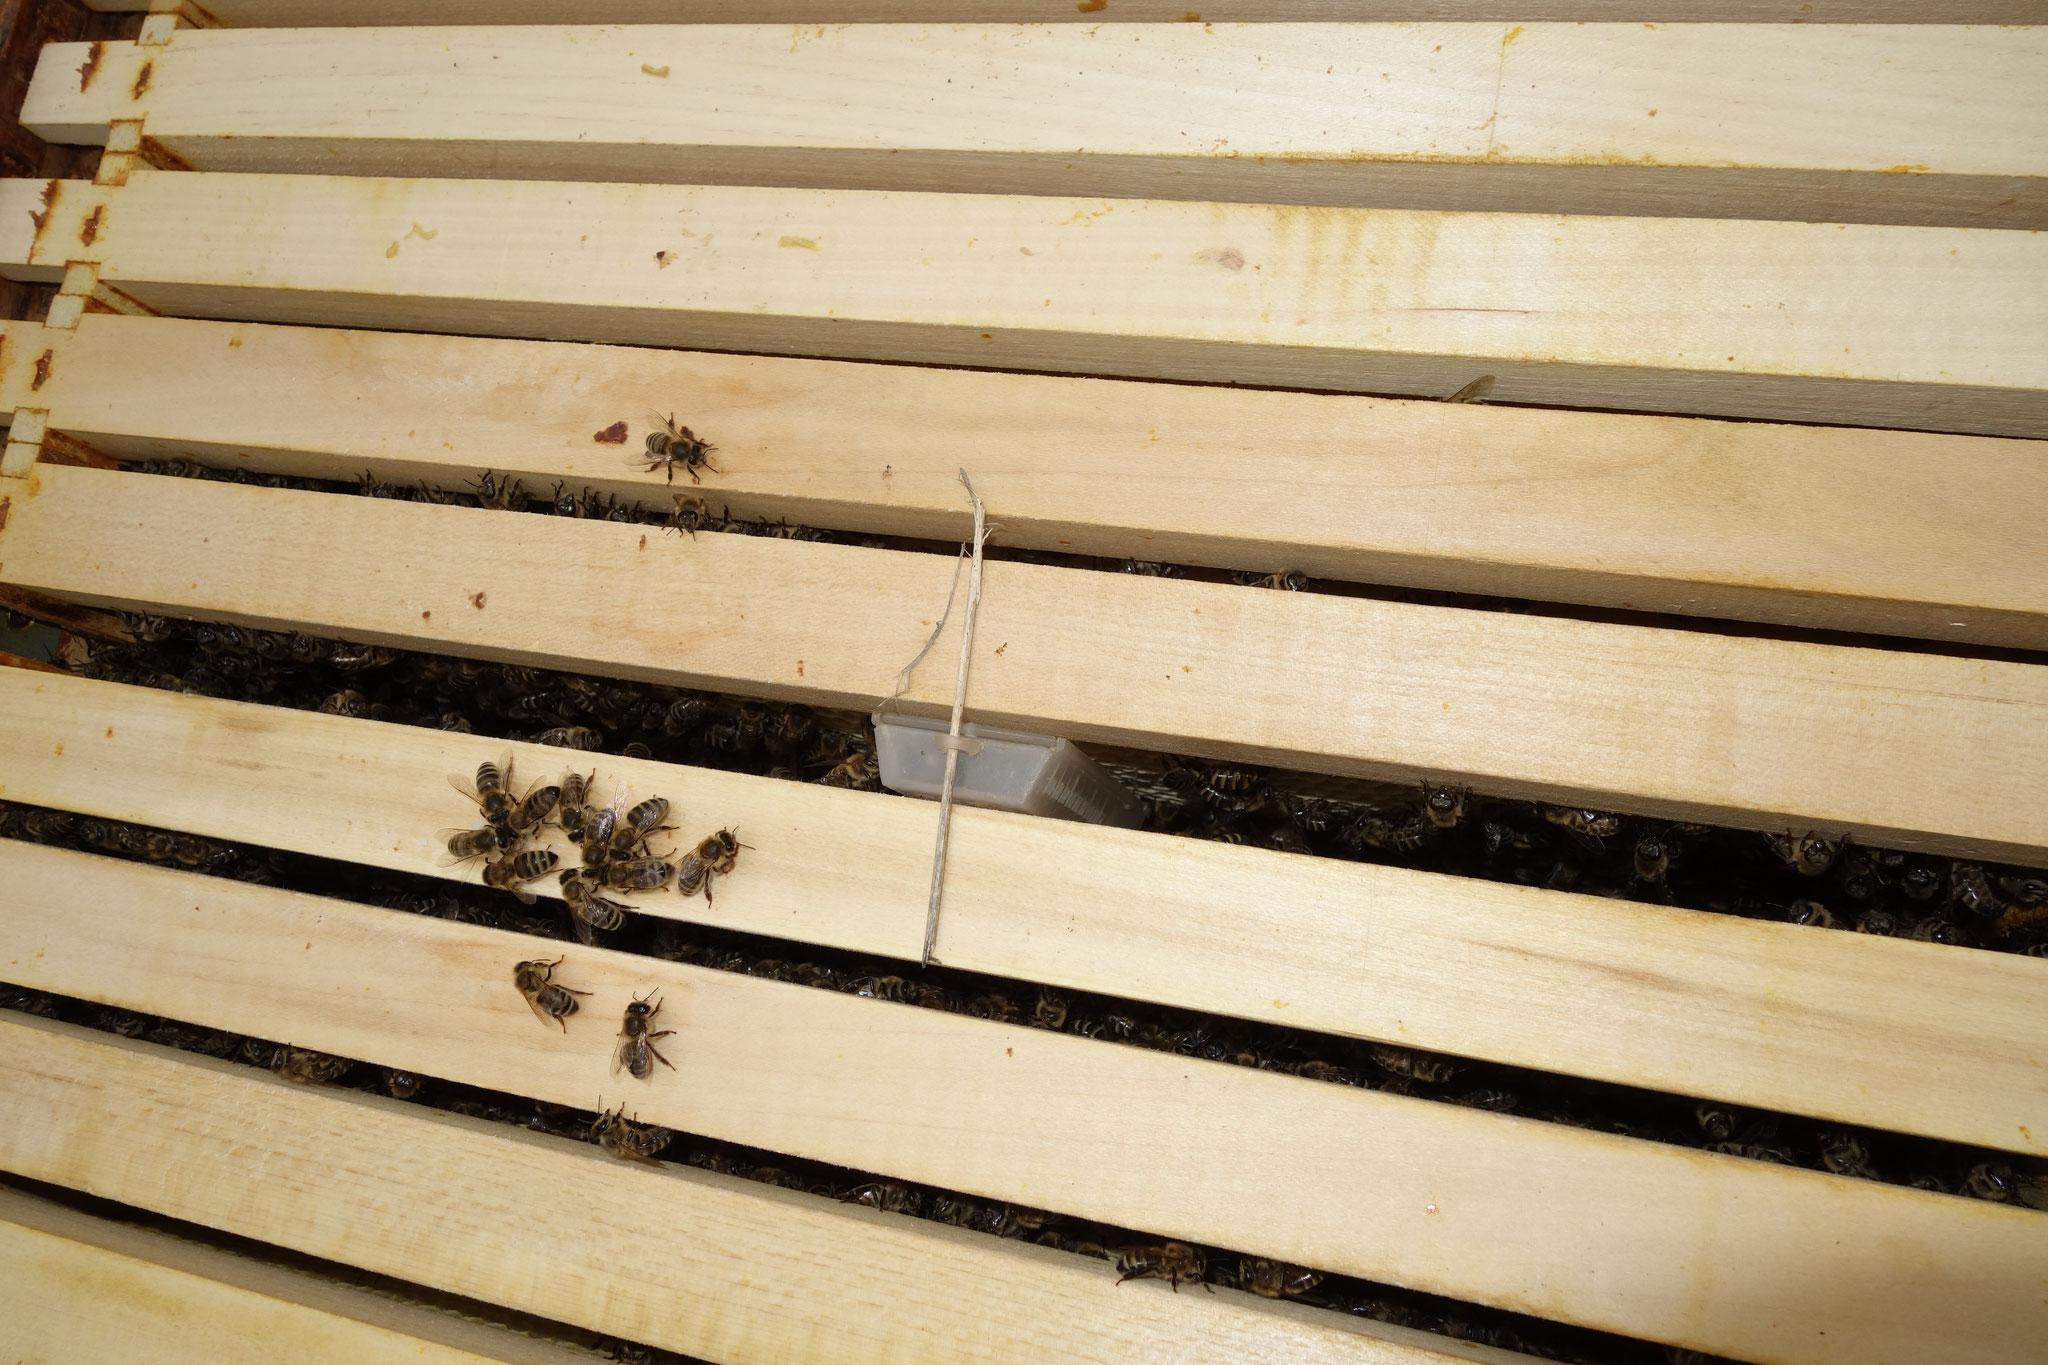 Bild 9: Der Königinnenkäfig wurde zwischen die neuen Mittelwände im Flugling eingesetzt. Die Arbeiterinnen dürfen sie jetzt in aller Ruhe befreien.